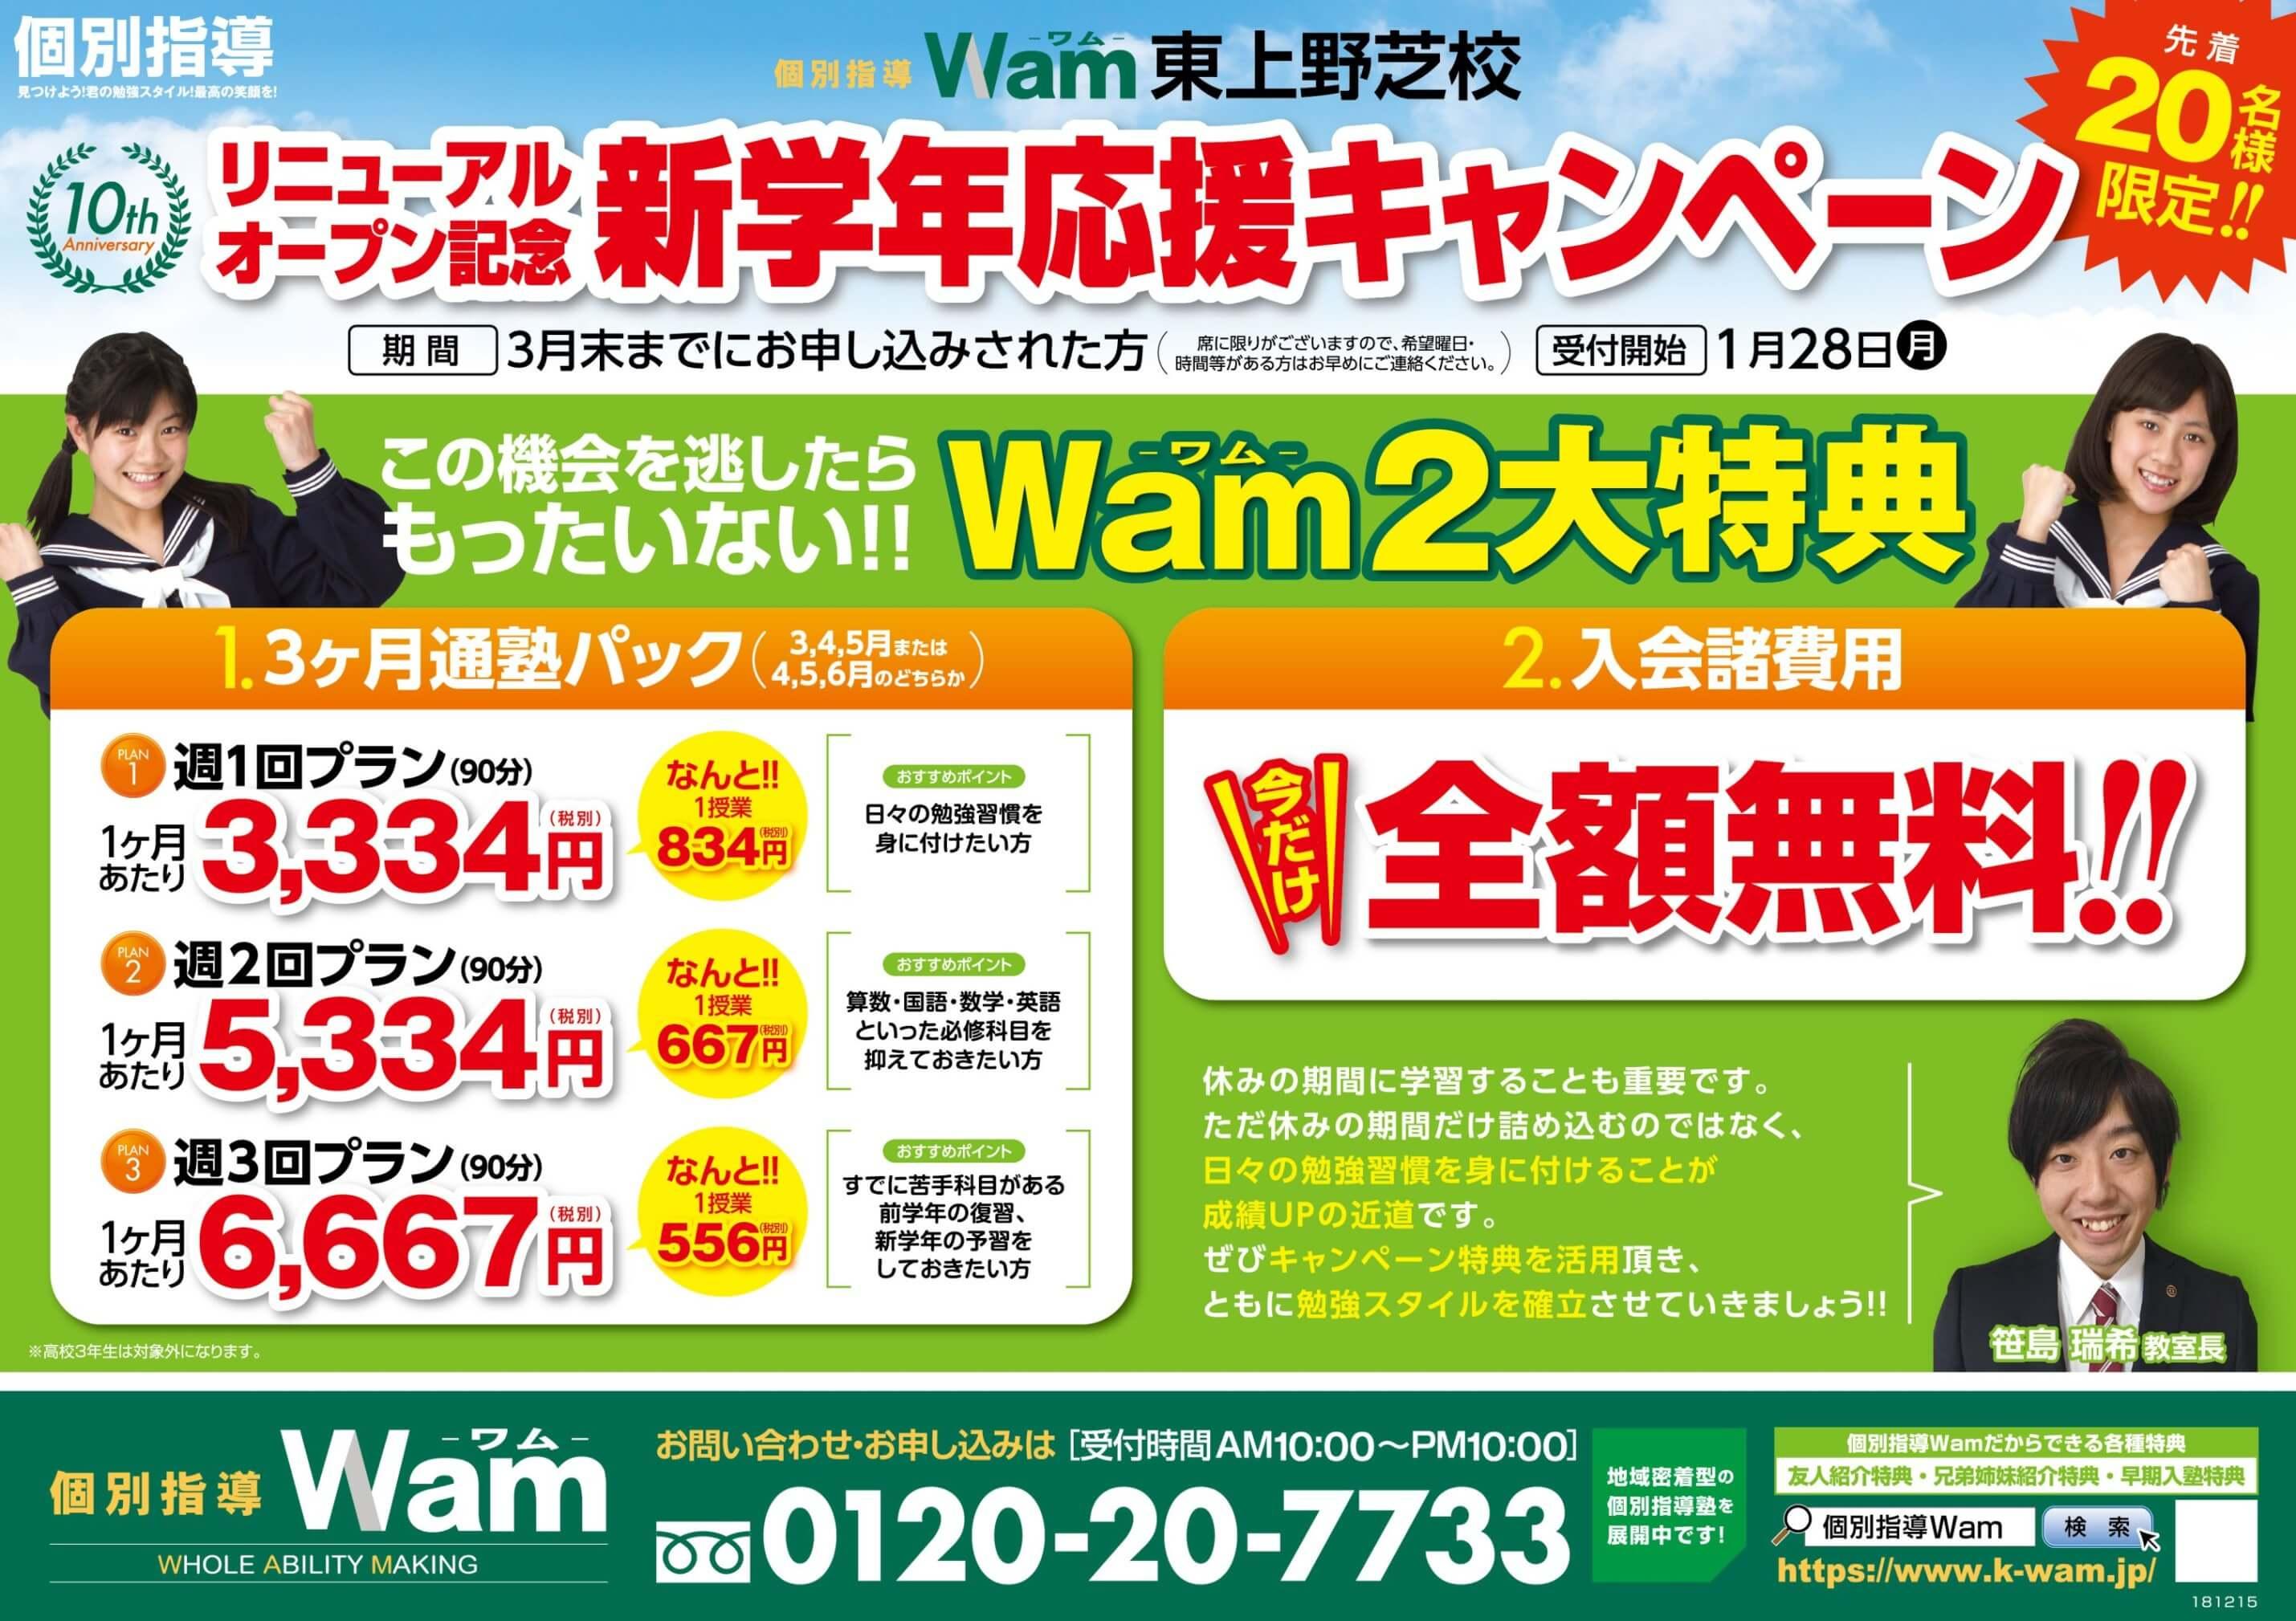 東上野芝校 2019年1月7日(月) リニューアルオープン・オモテ面